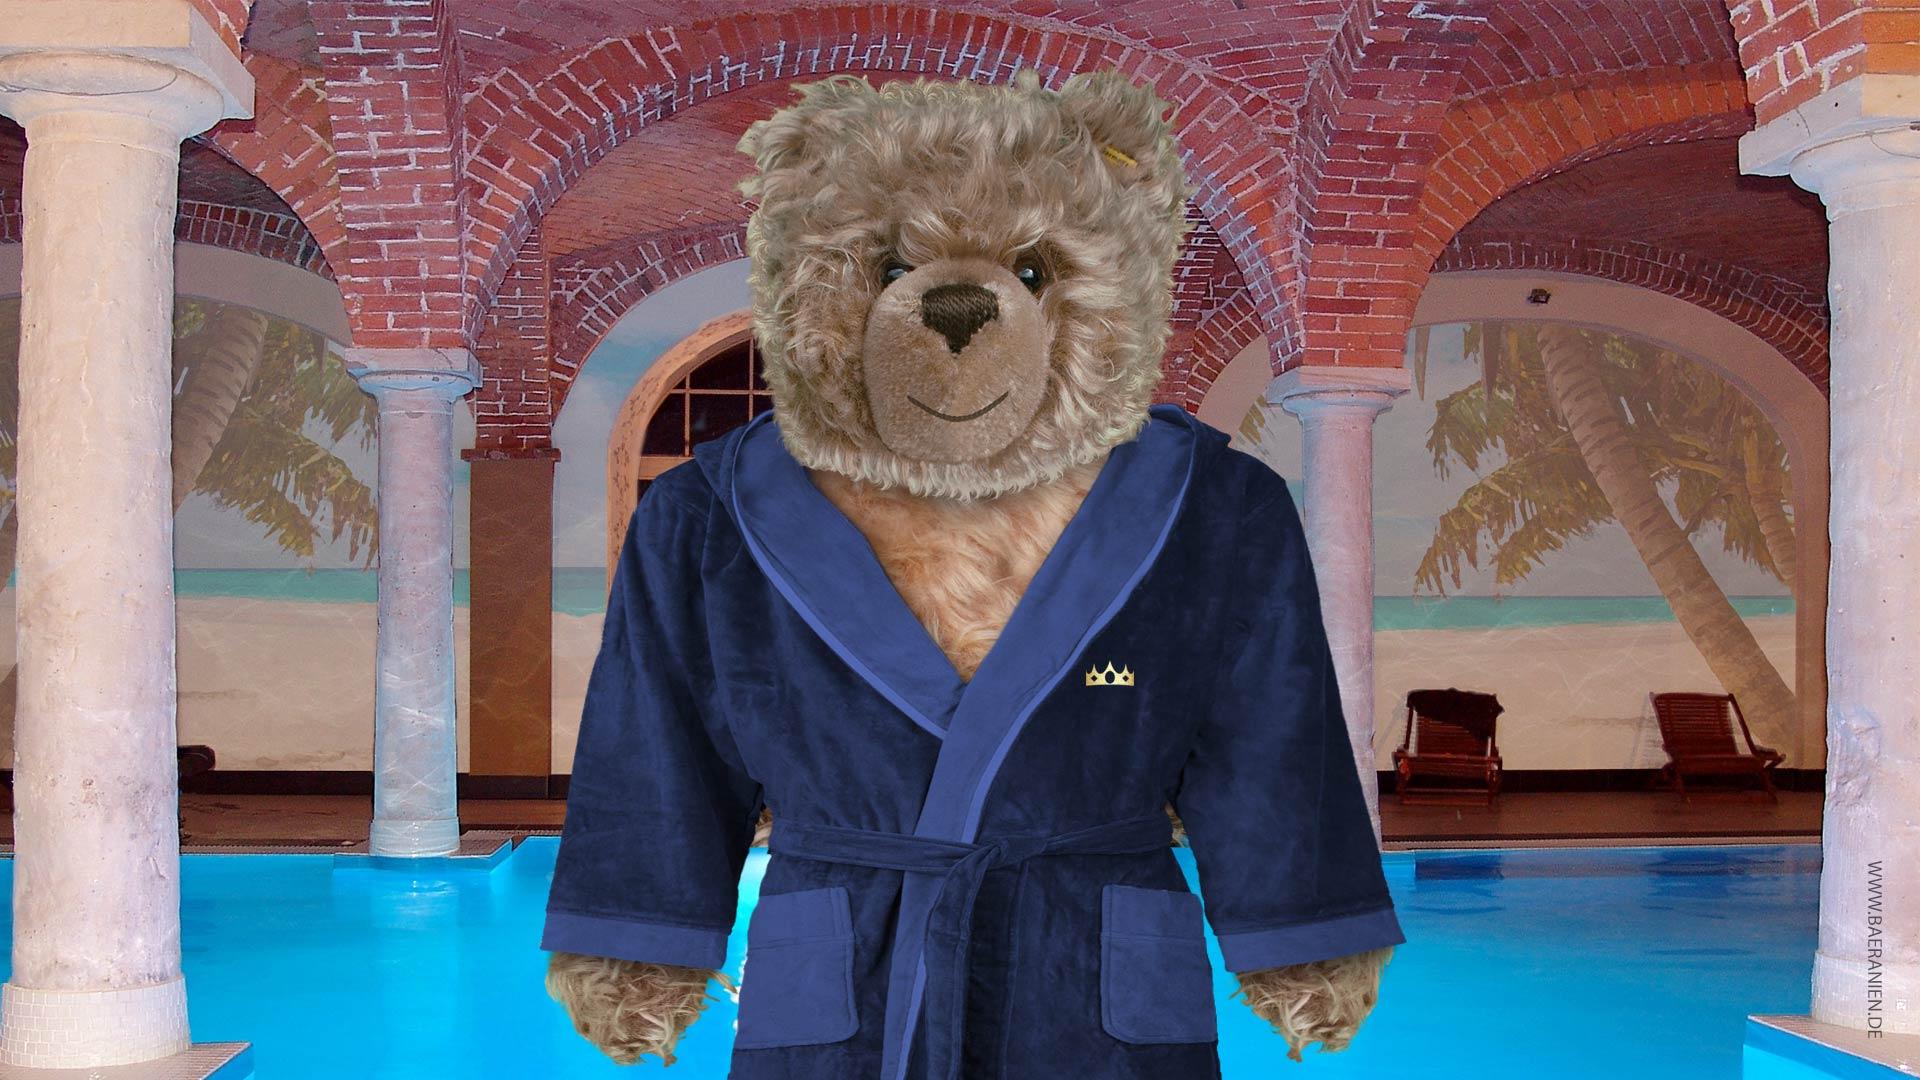 Teddy-König Opa im Wellness-Center